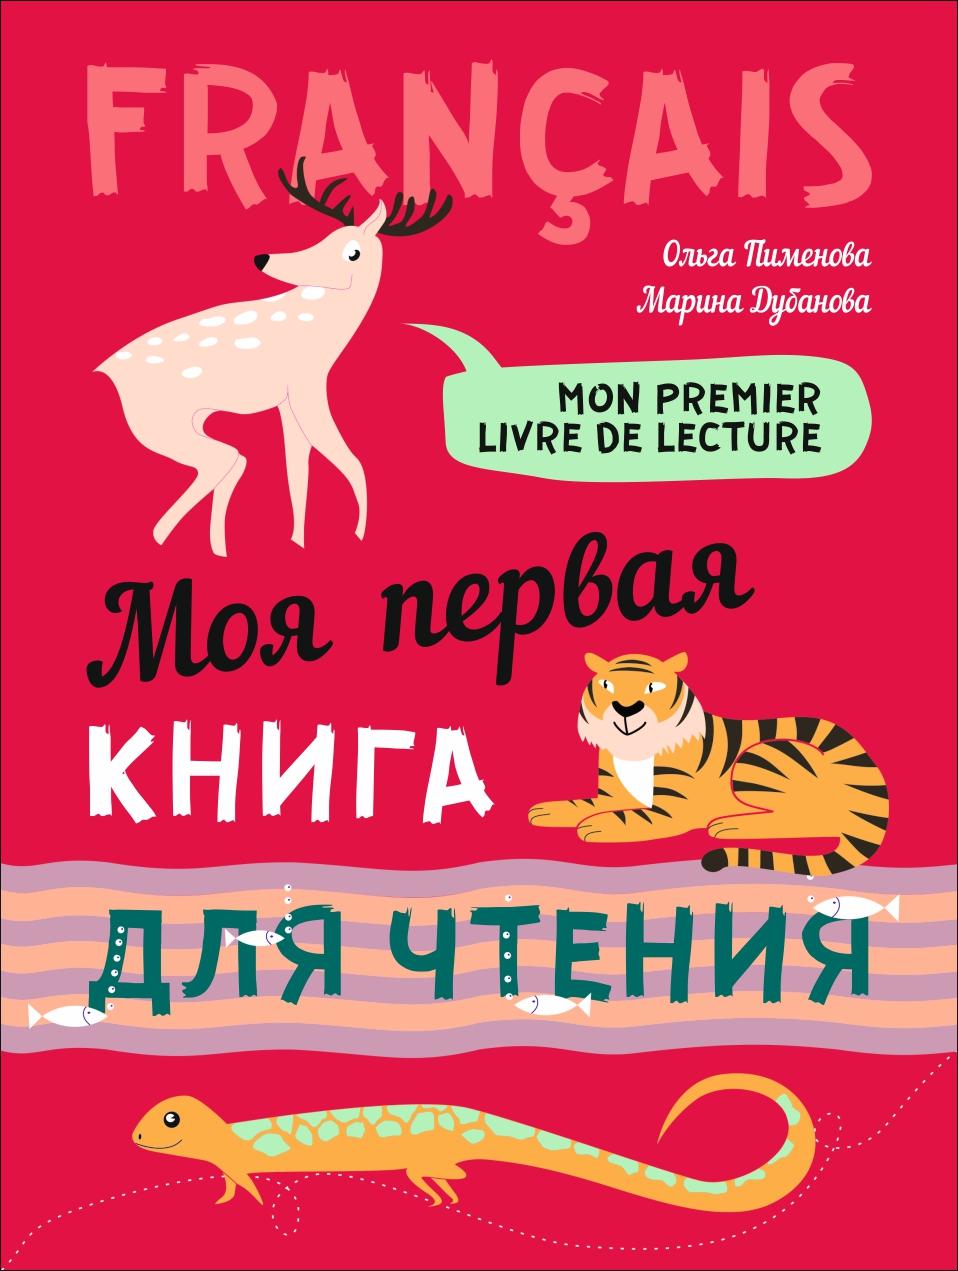 Francais de mon livre береговская решебник класс 4 автор